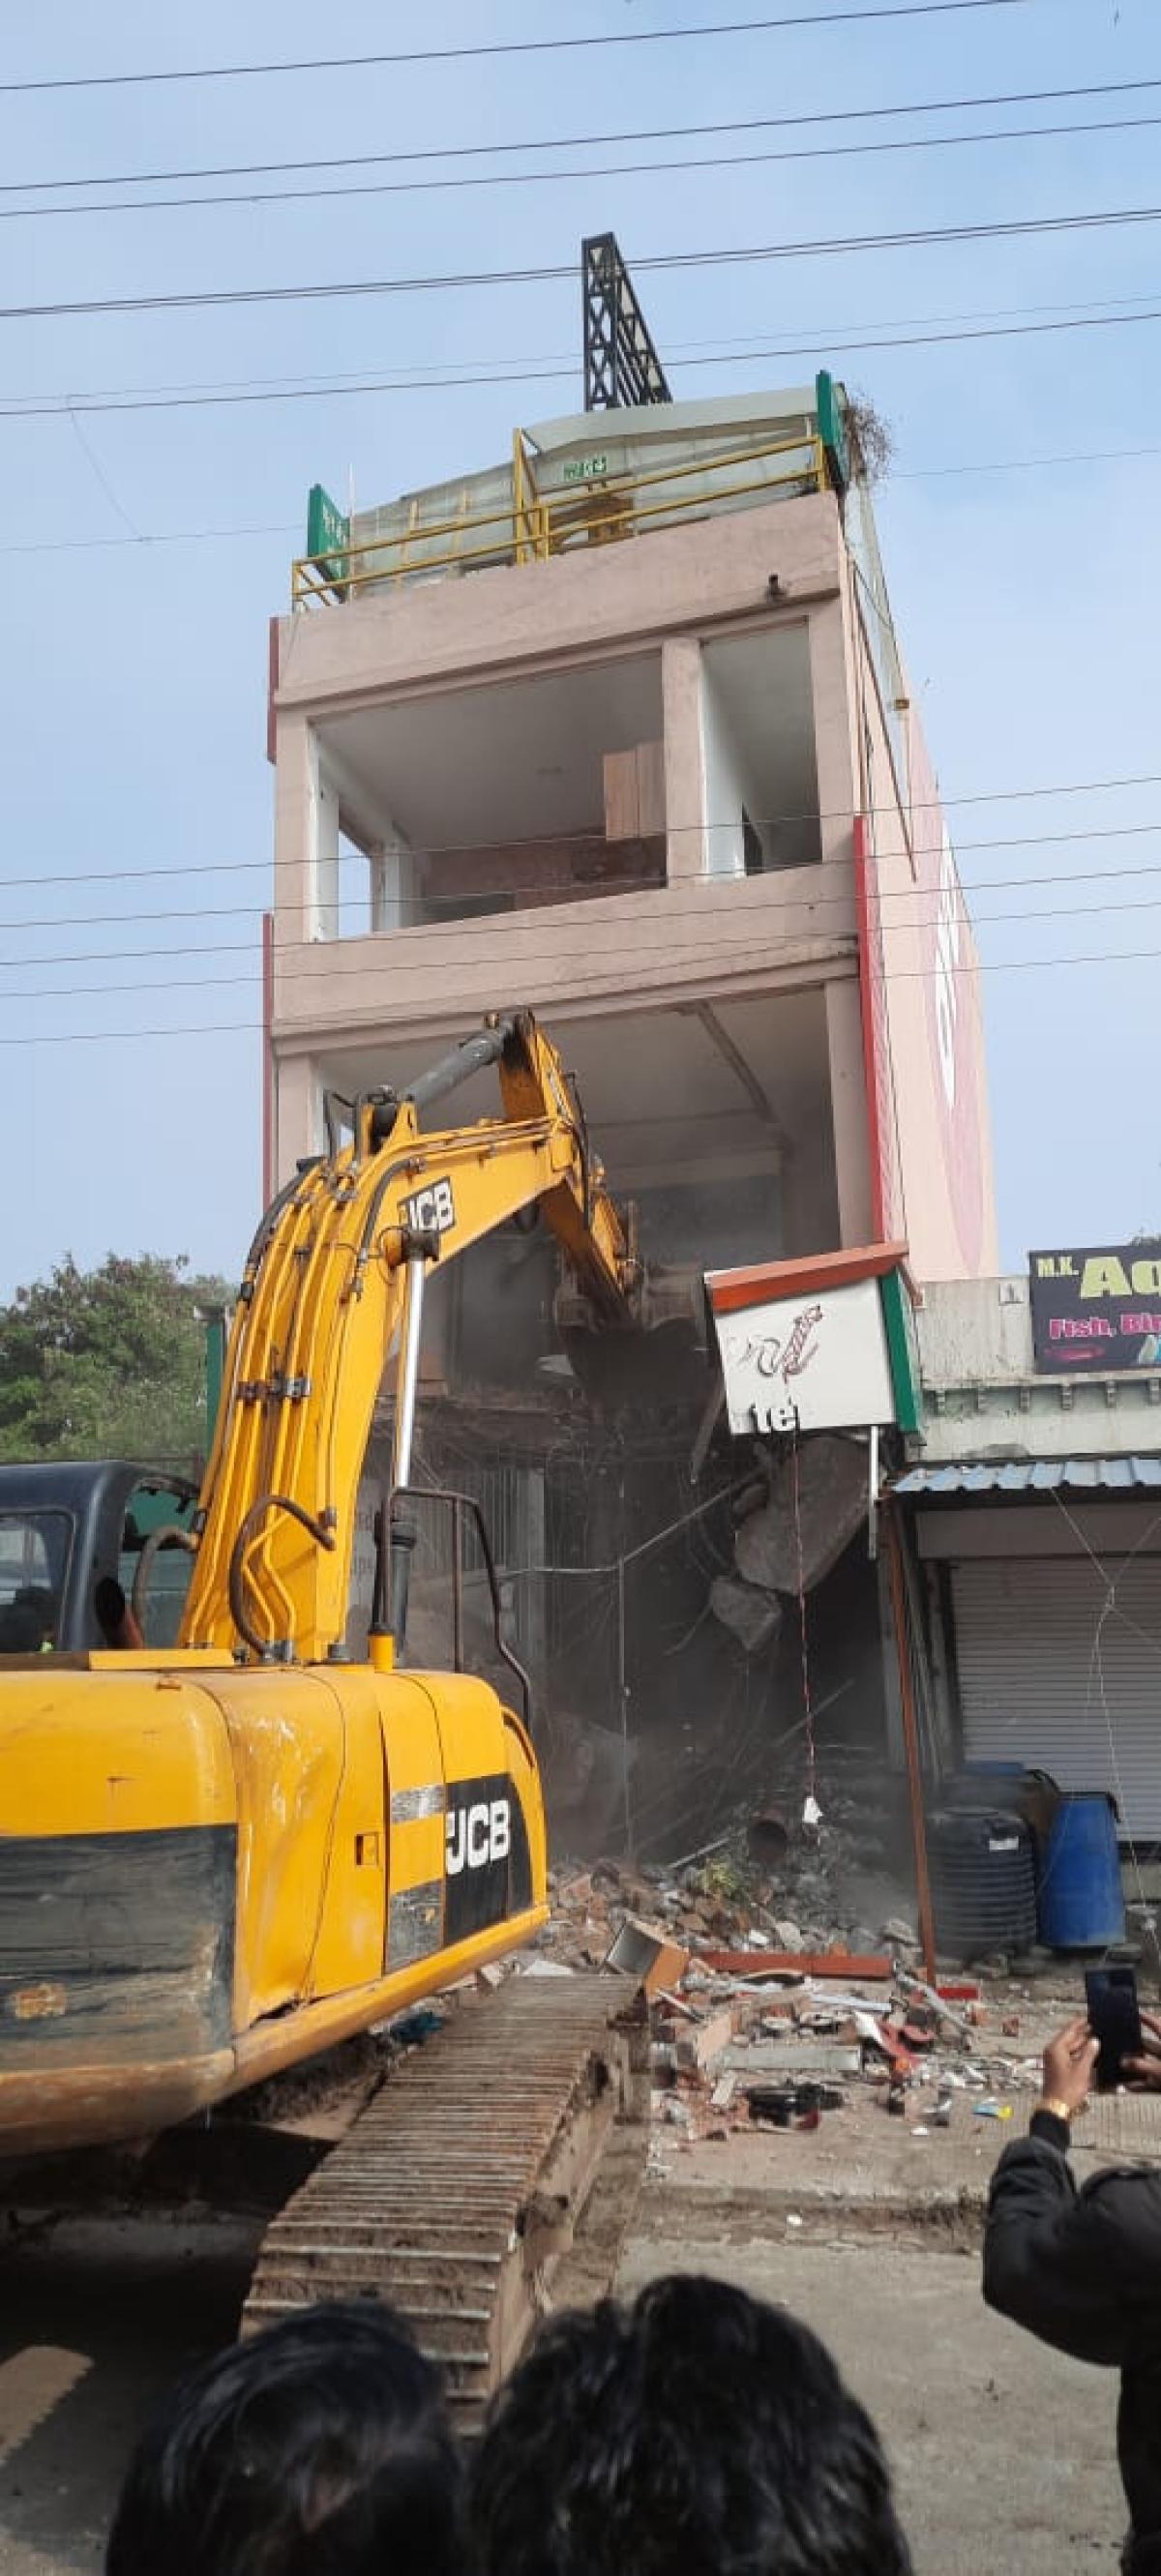 Hotel Sweetheart being demolished